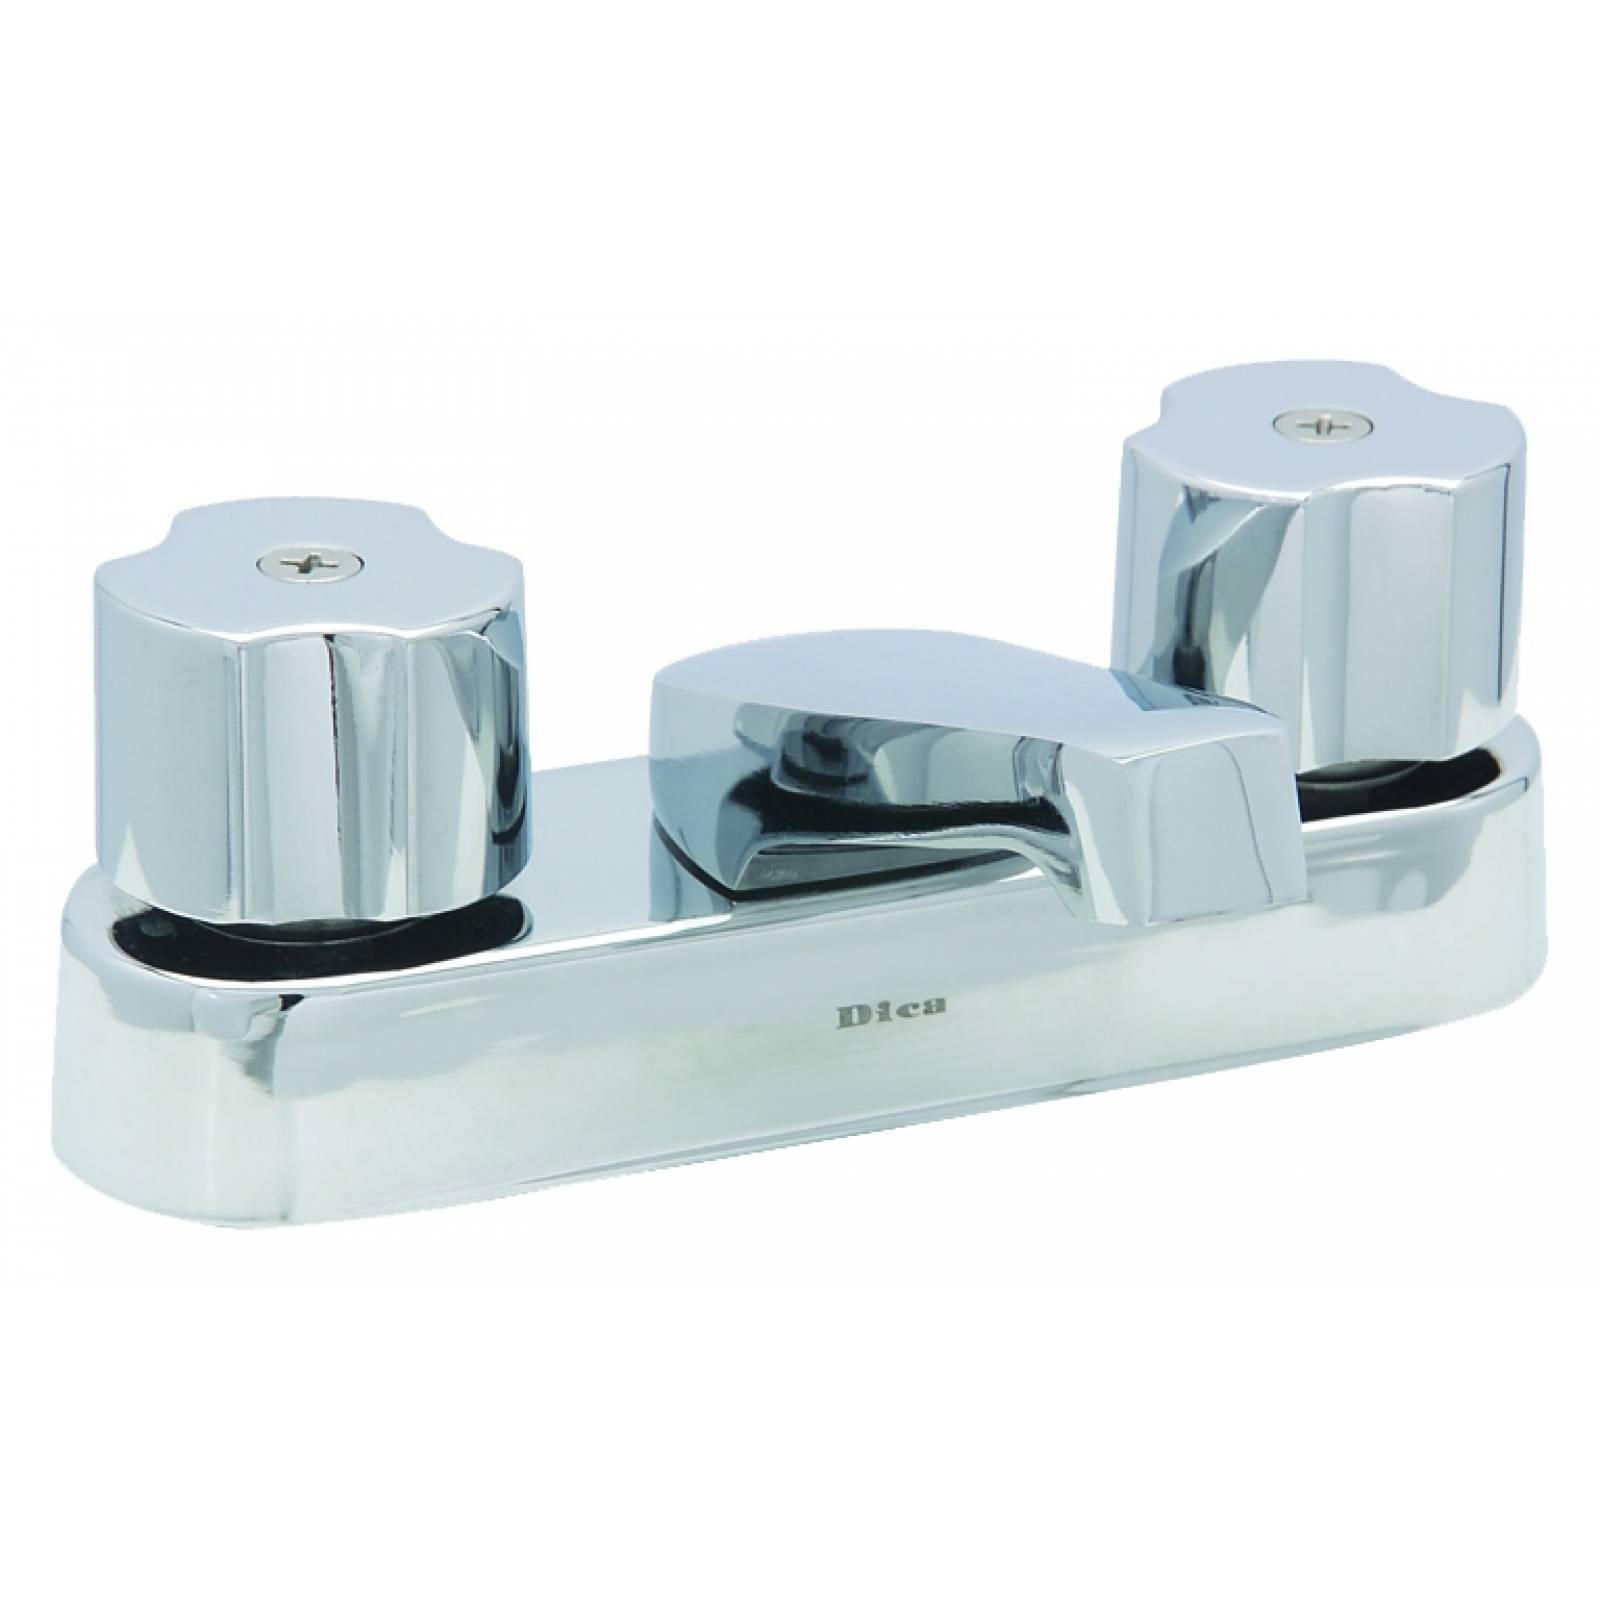 Mezcladora para lavabo en acabado cromo 4048 DICA